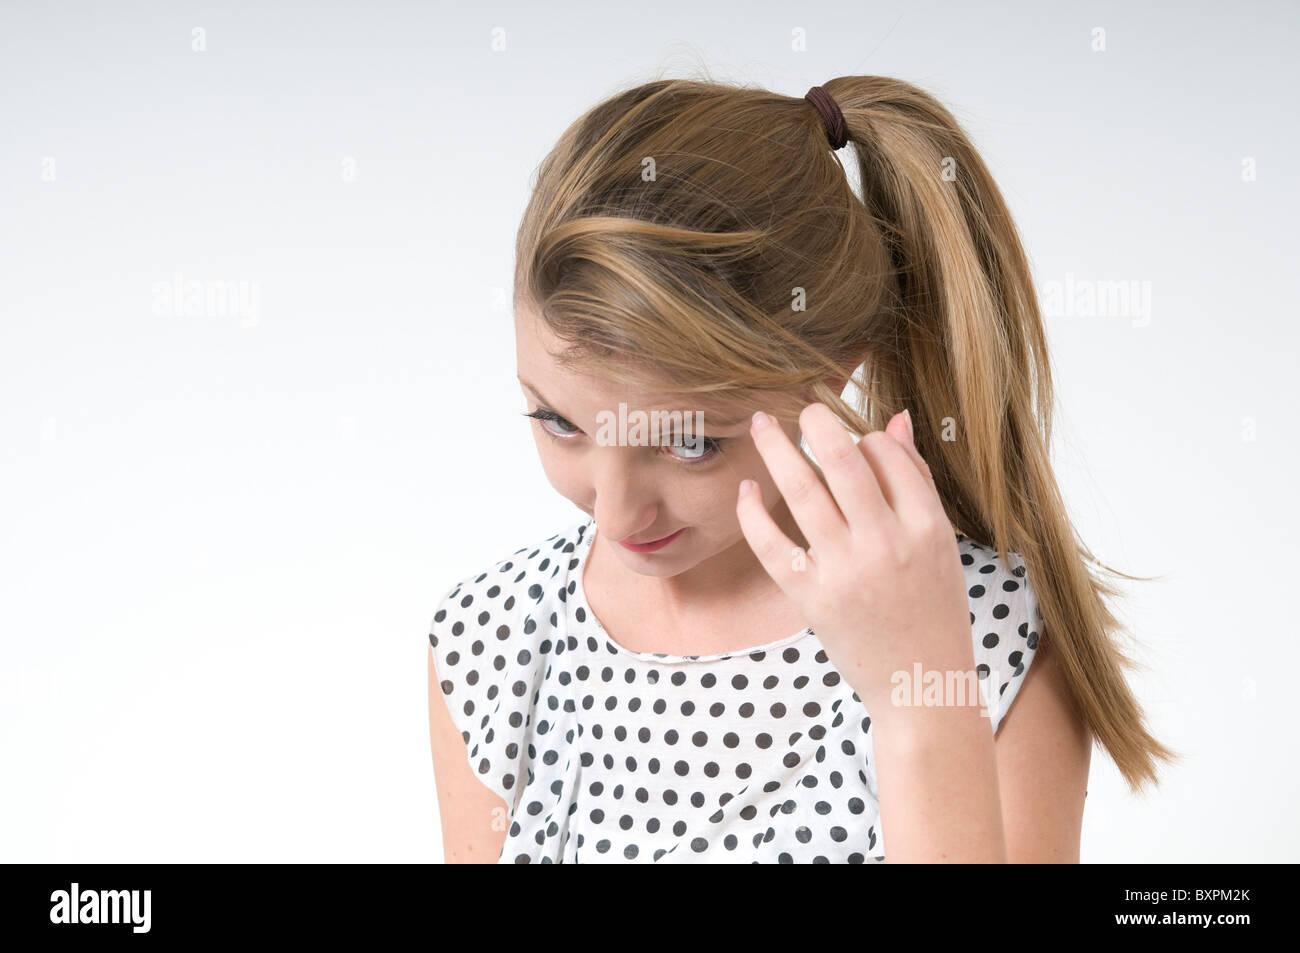 Tímida adolescente sobre fondo blanco. Imagen De Stock